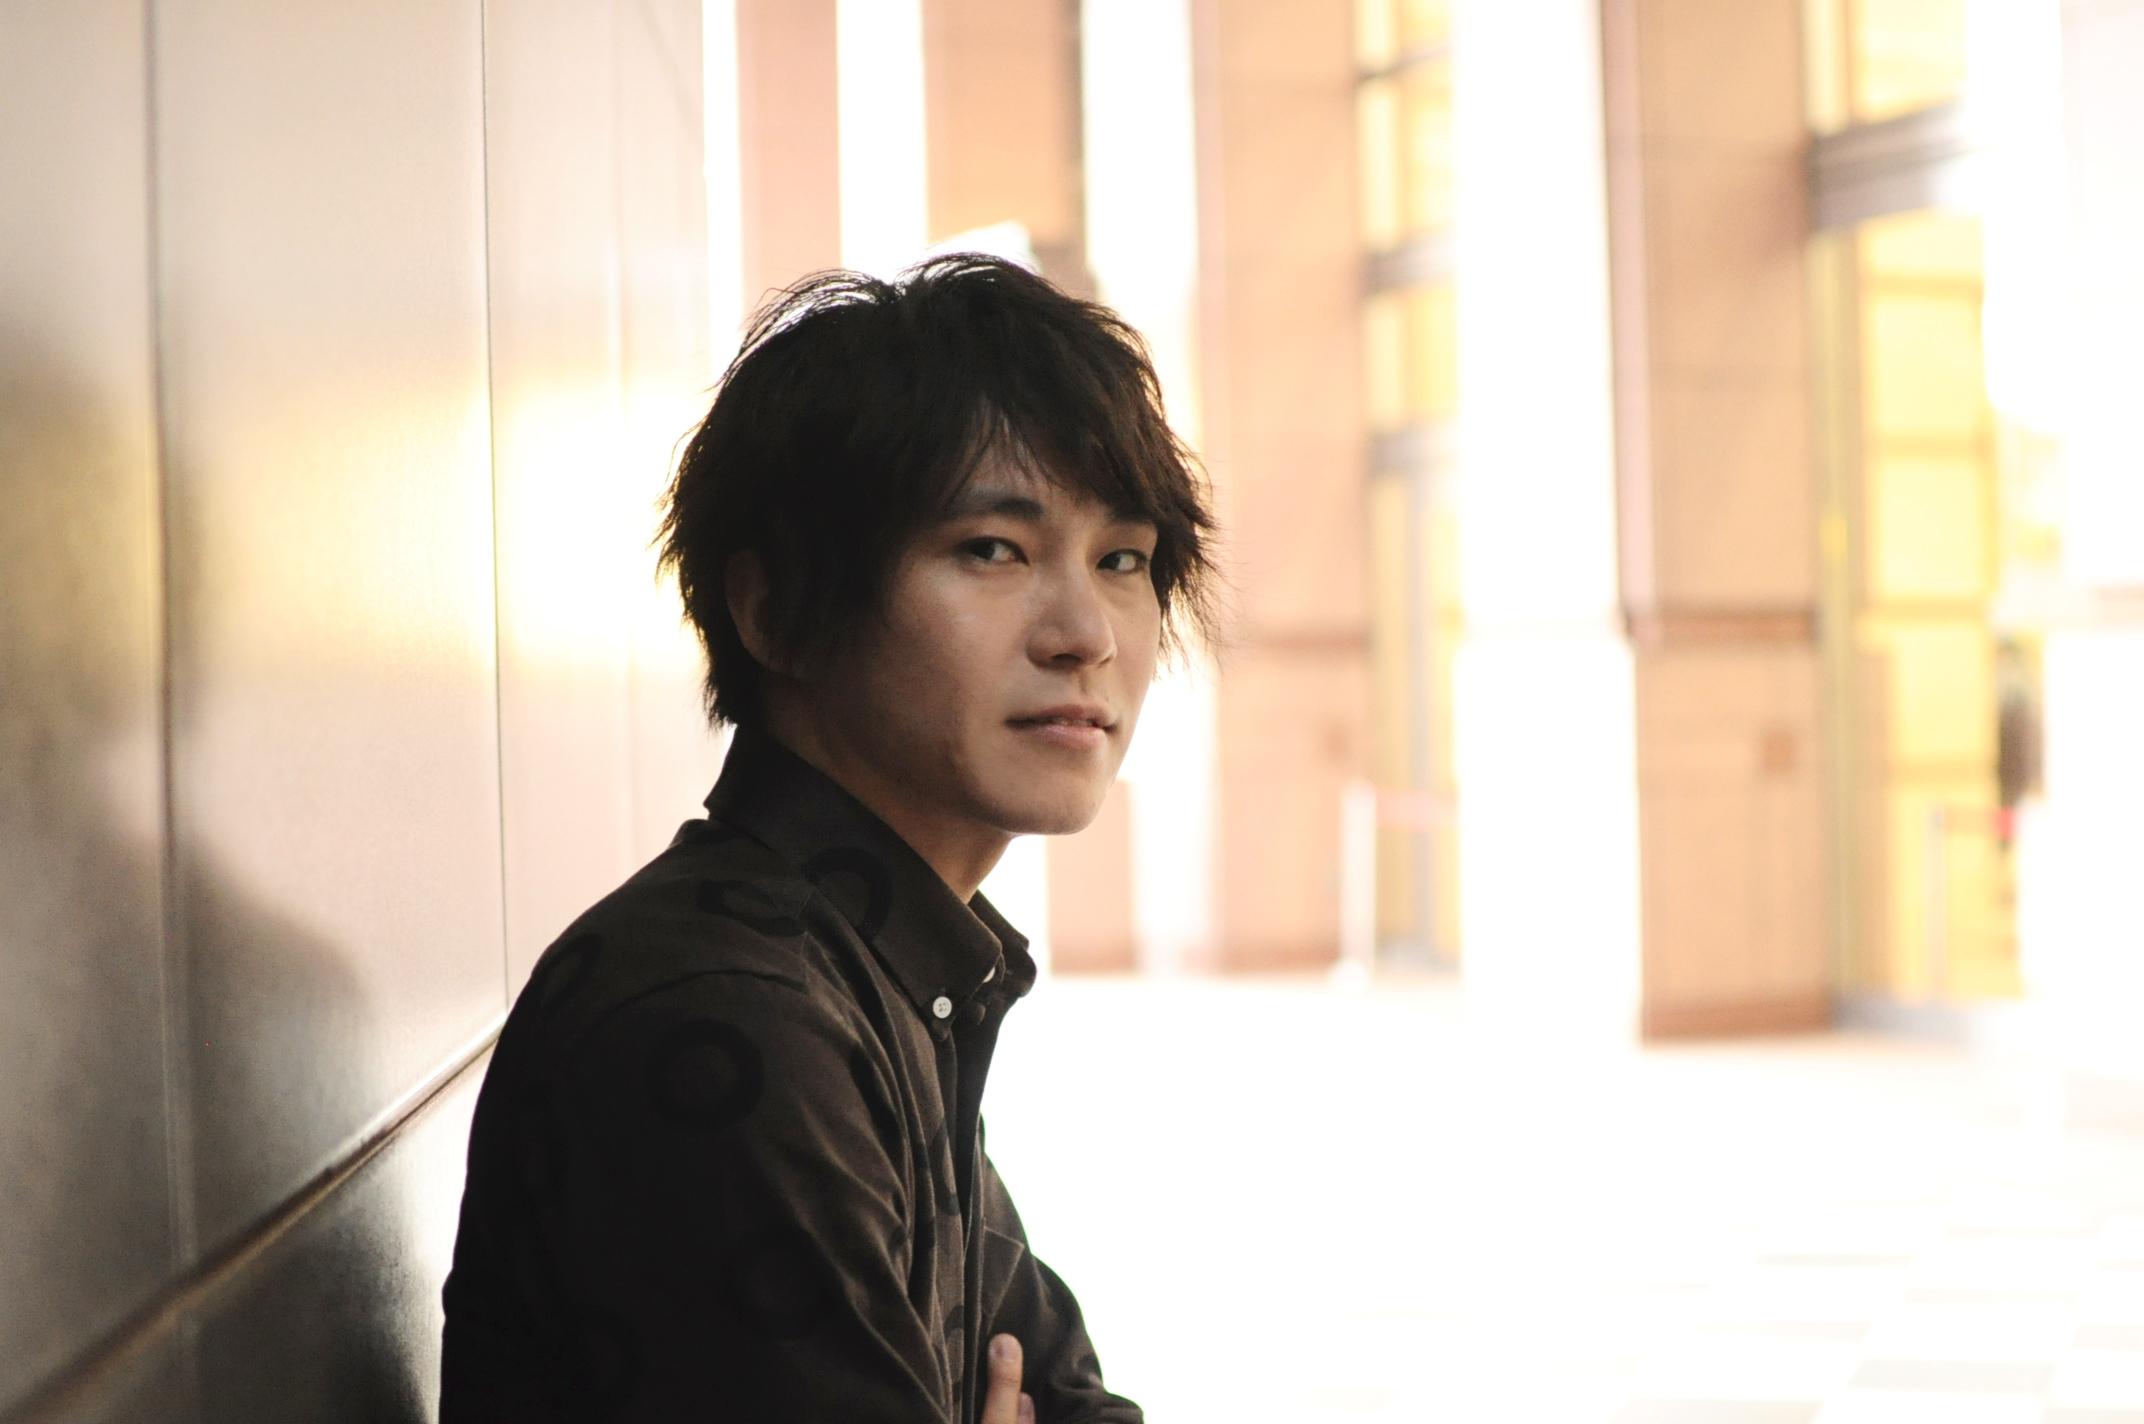 磯貝サイモン  Photo by Taiyo Kazama